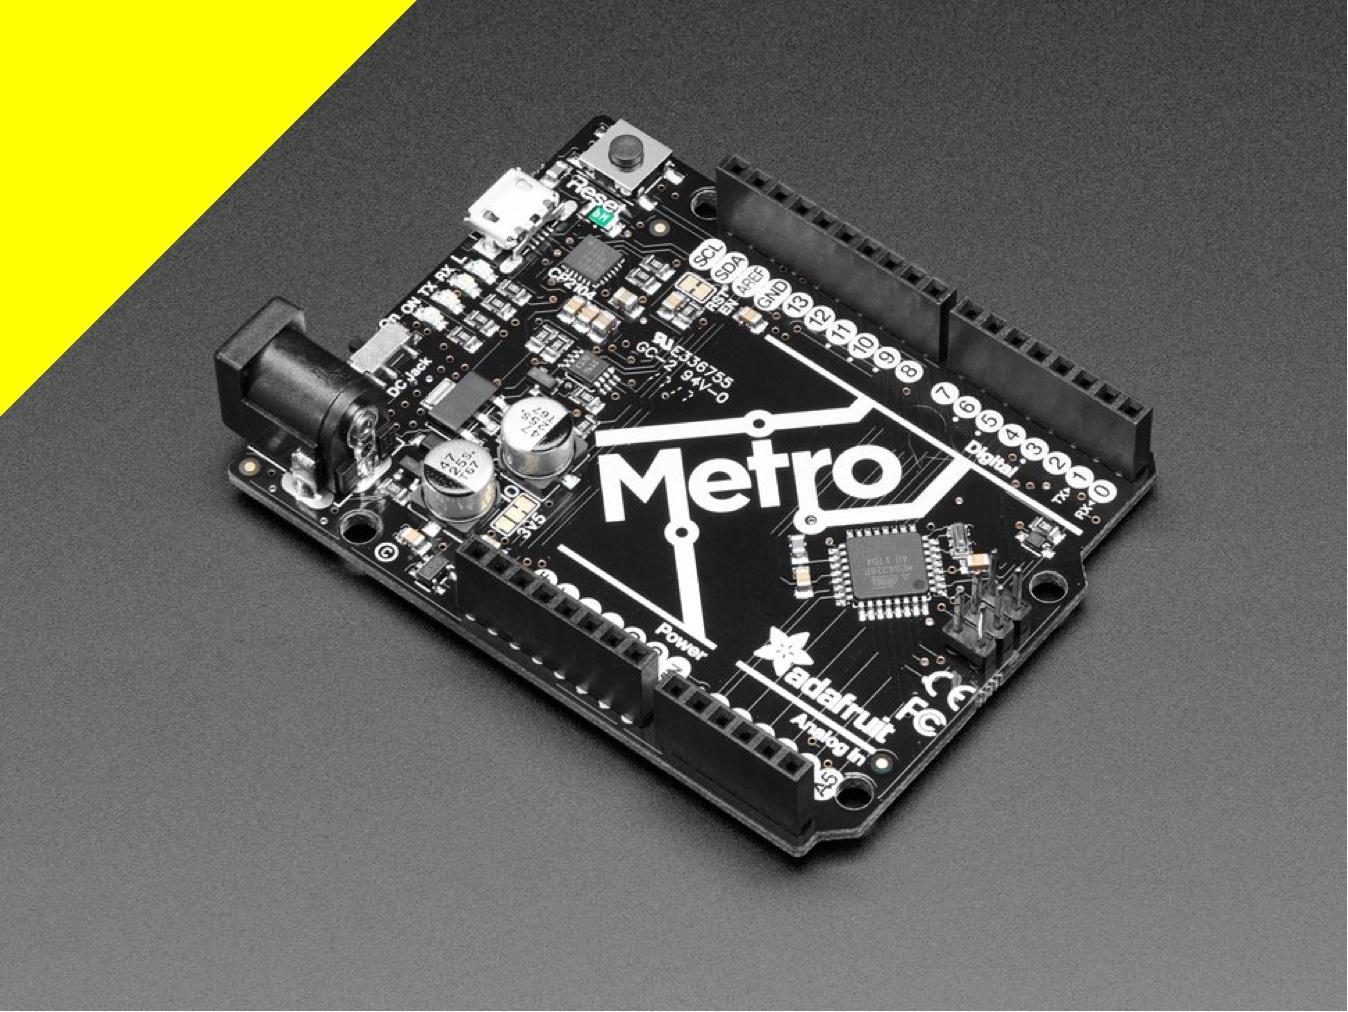 microcontrollers_metro-m0.jpg